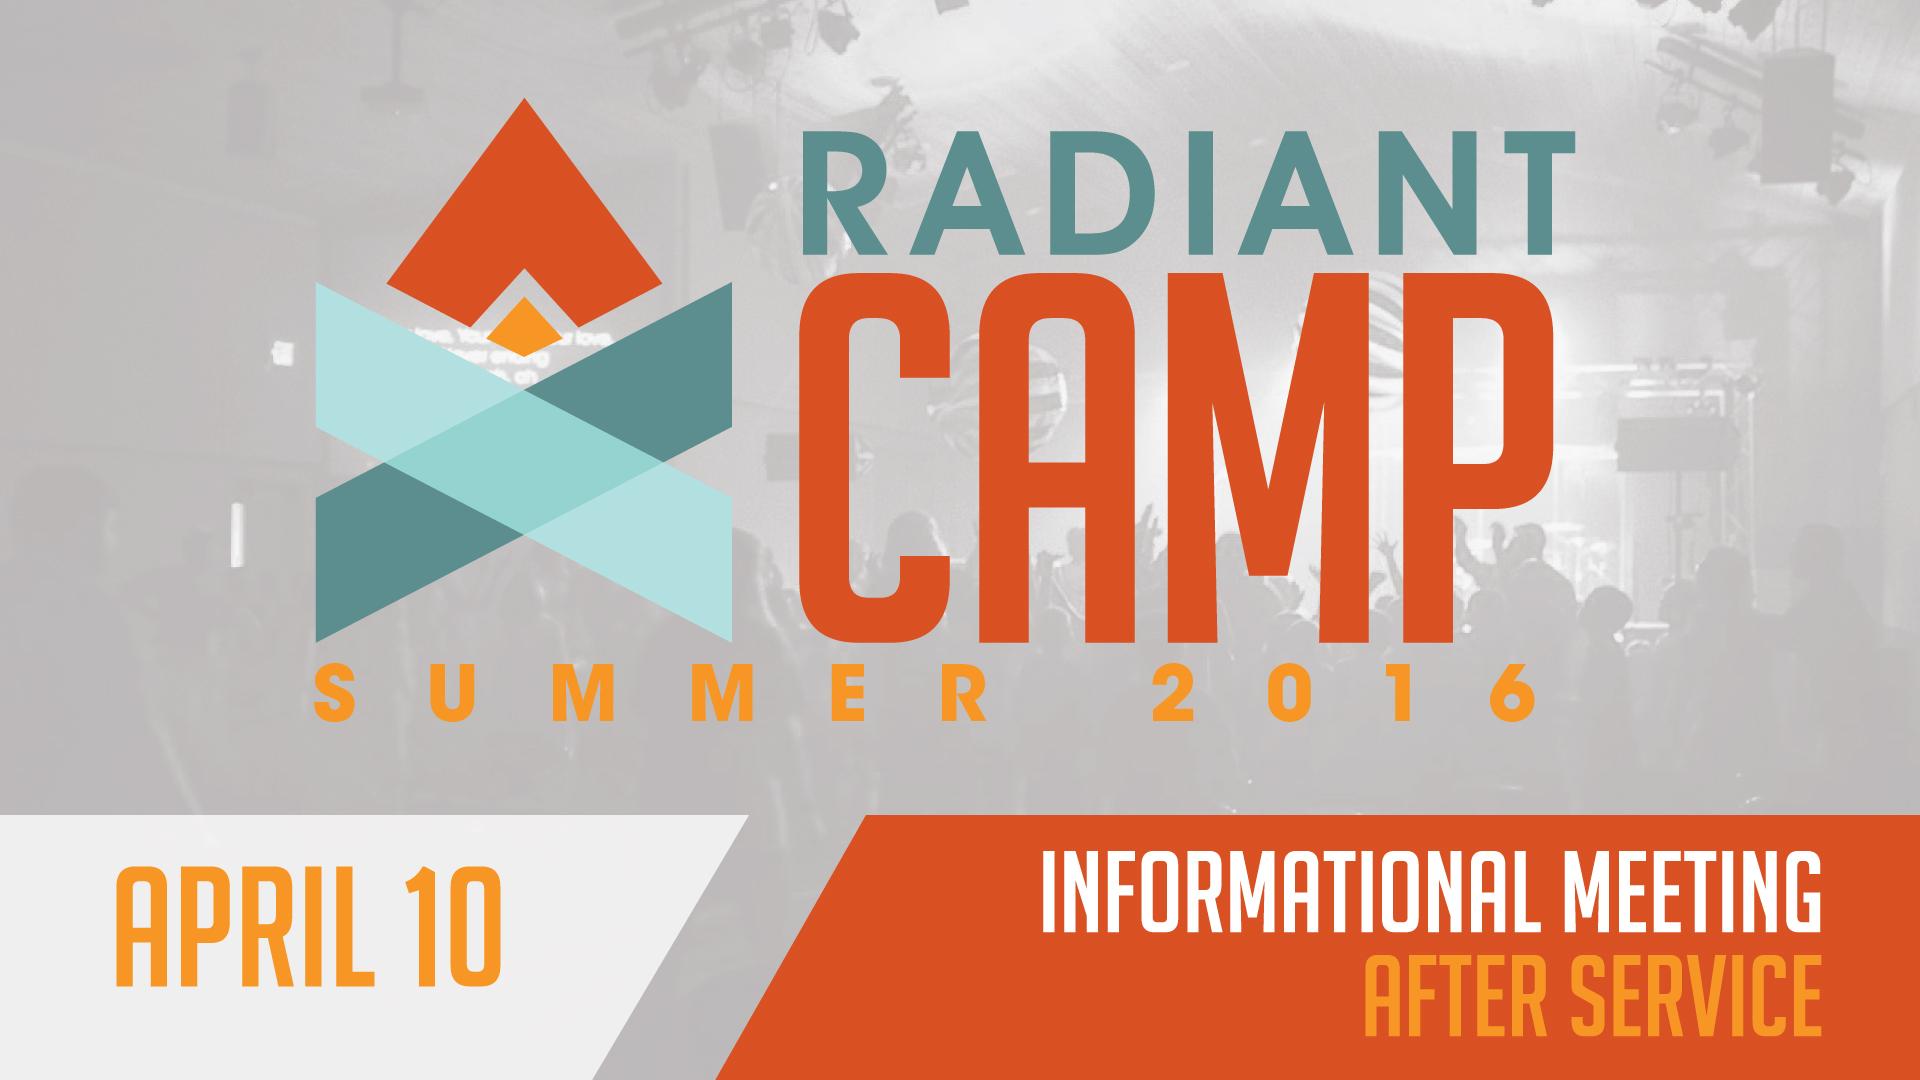 Radiant Camp Informational Meeting.jpg